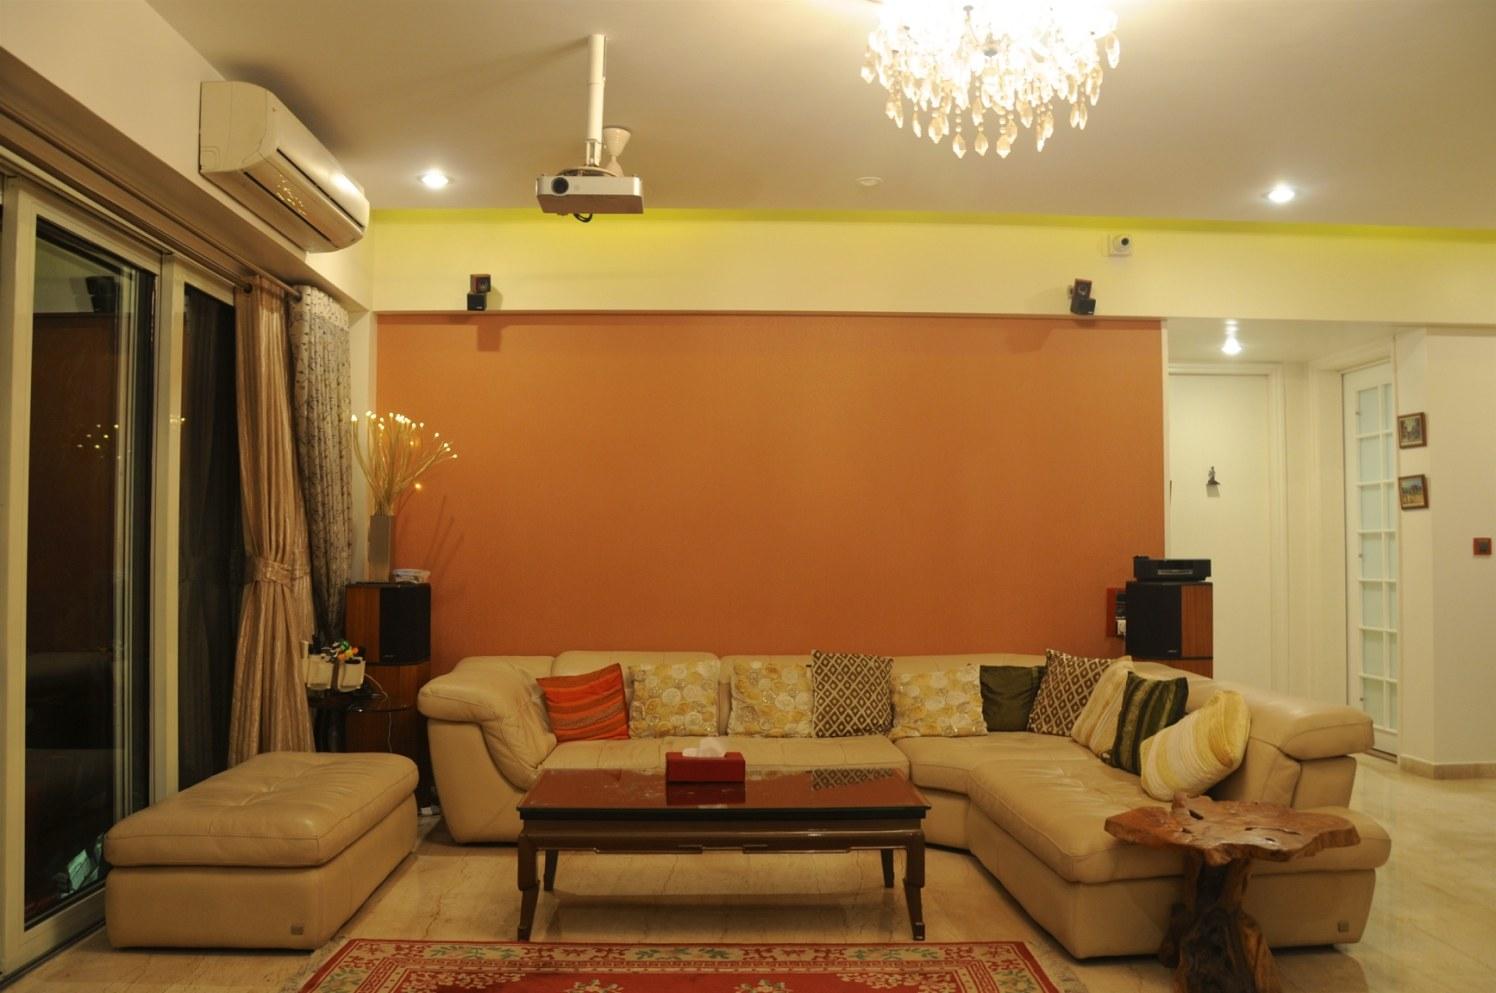 Creamy L Shaped Sofa Set With False Ceiling And Orange Wall by Viraf Laskari  Living-room Contemporary | Interior Design Photos & Ideas